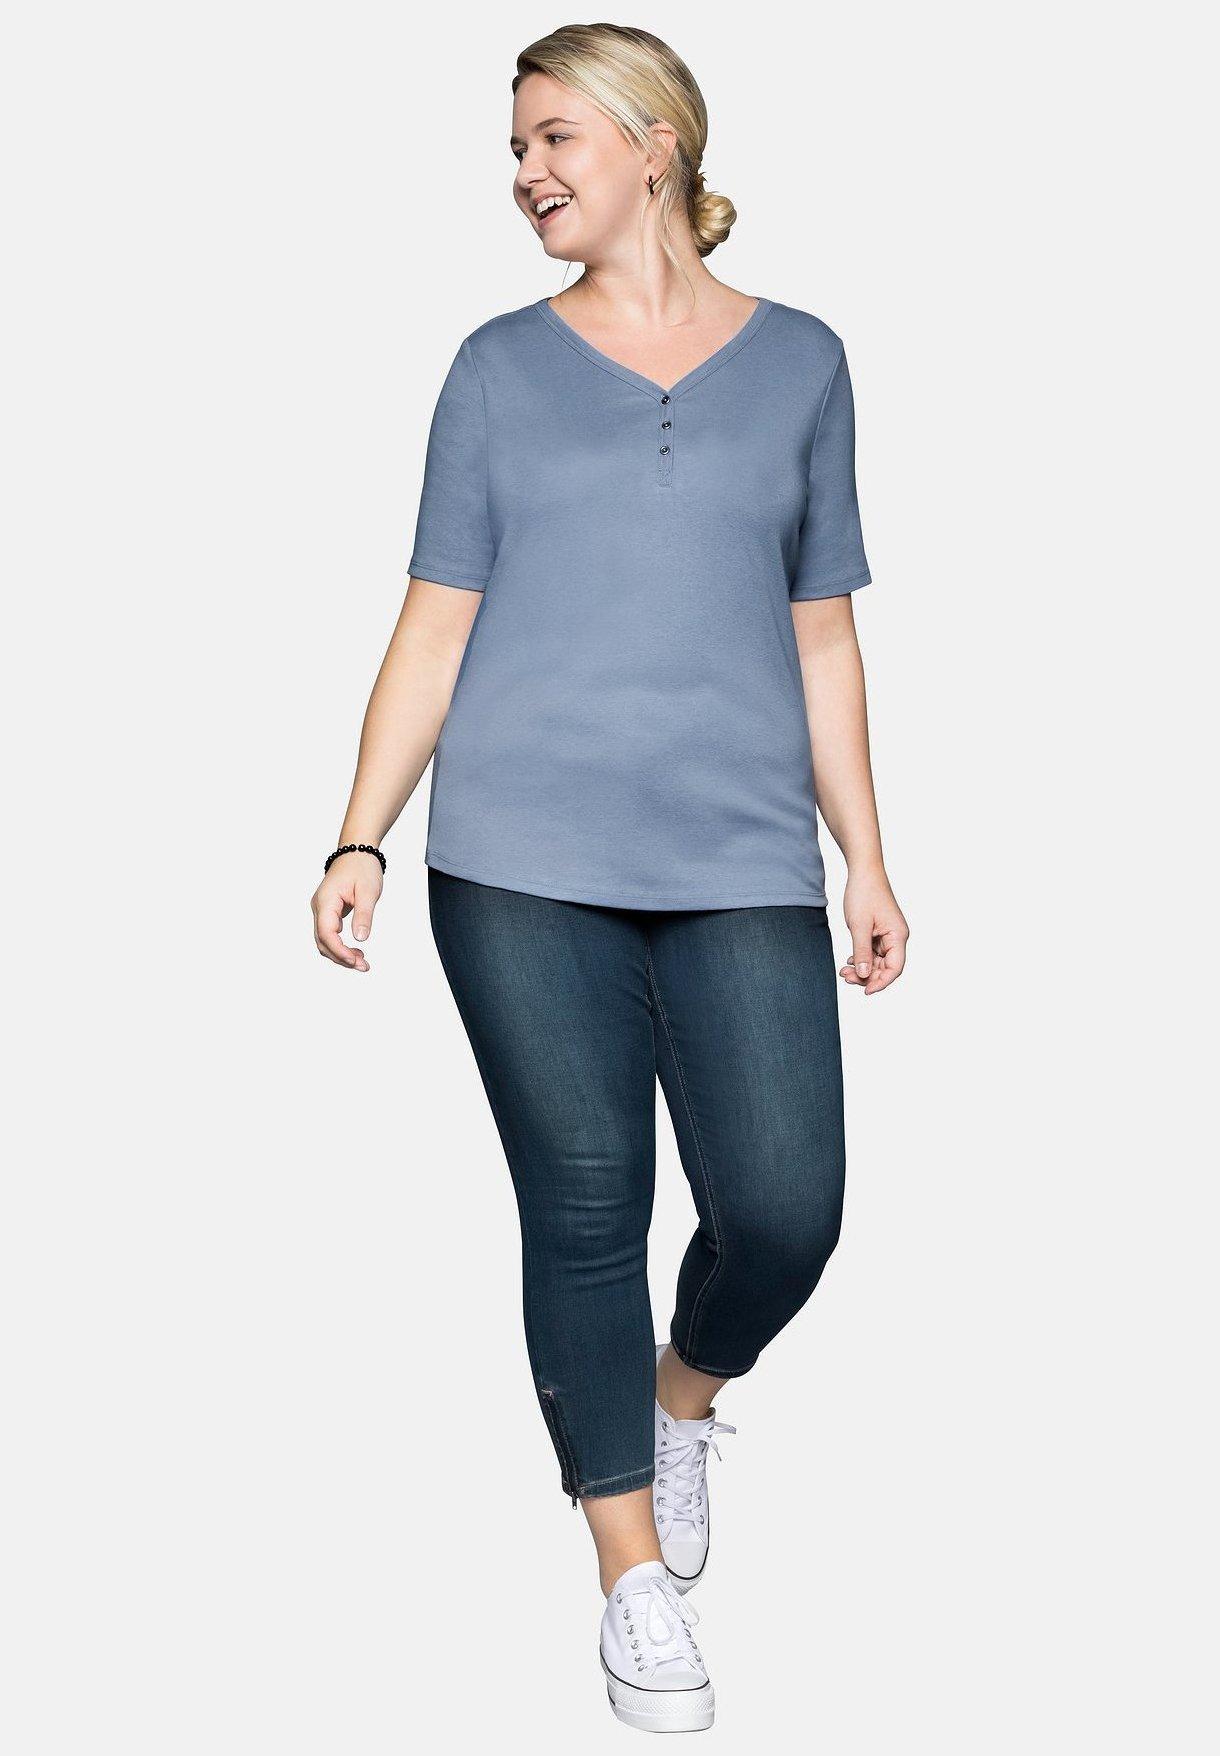 Sheego Basic T-shirt - Smoky Blue Mottled